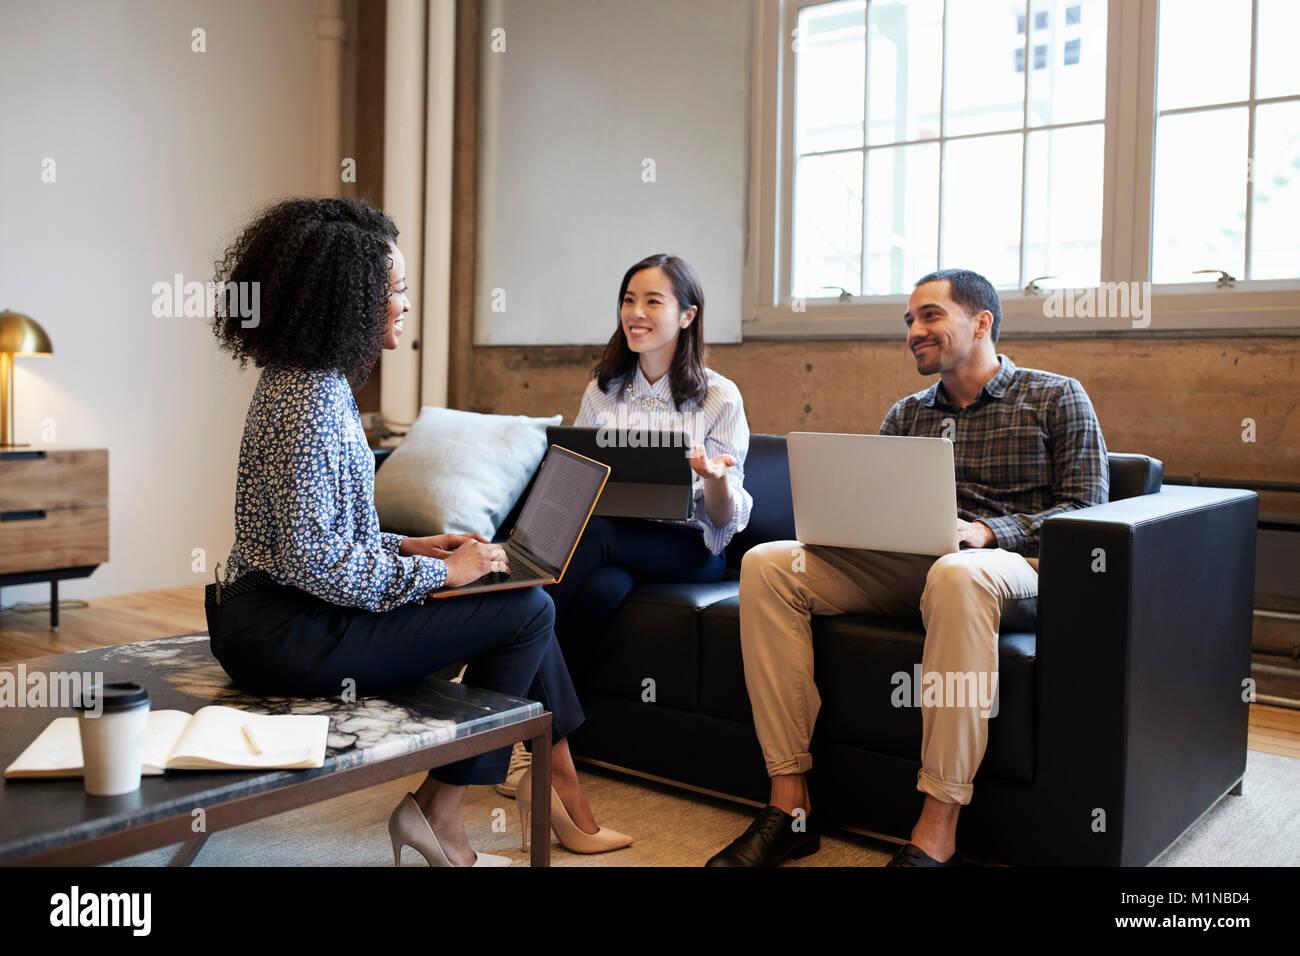 Lächelnd Arbeitskollegen mit Laptops bei der zufälligen Begegnung Stockbild